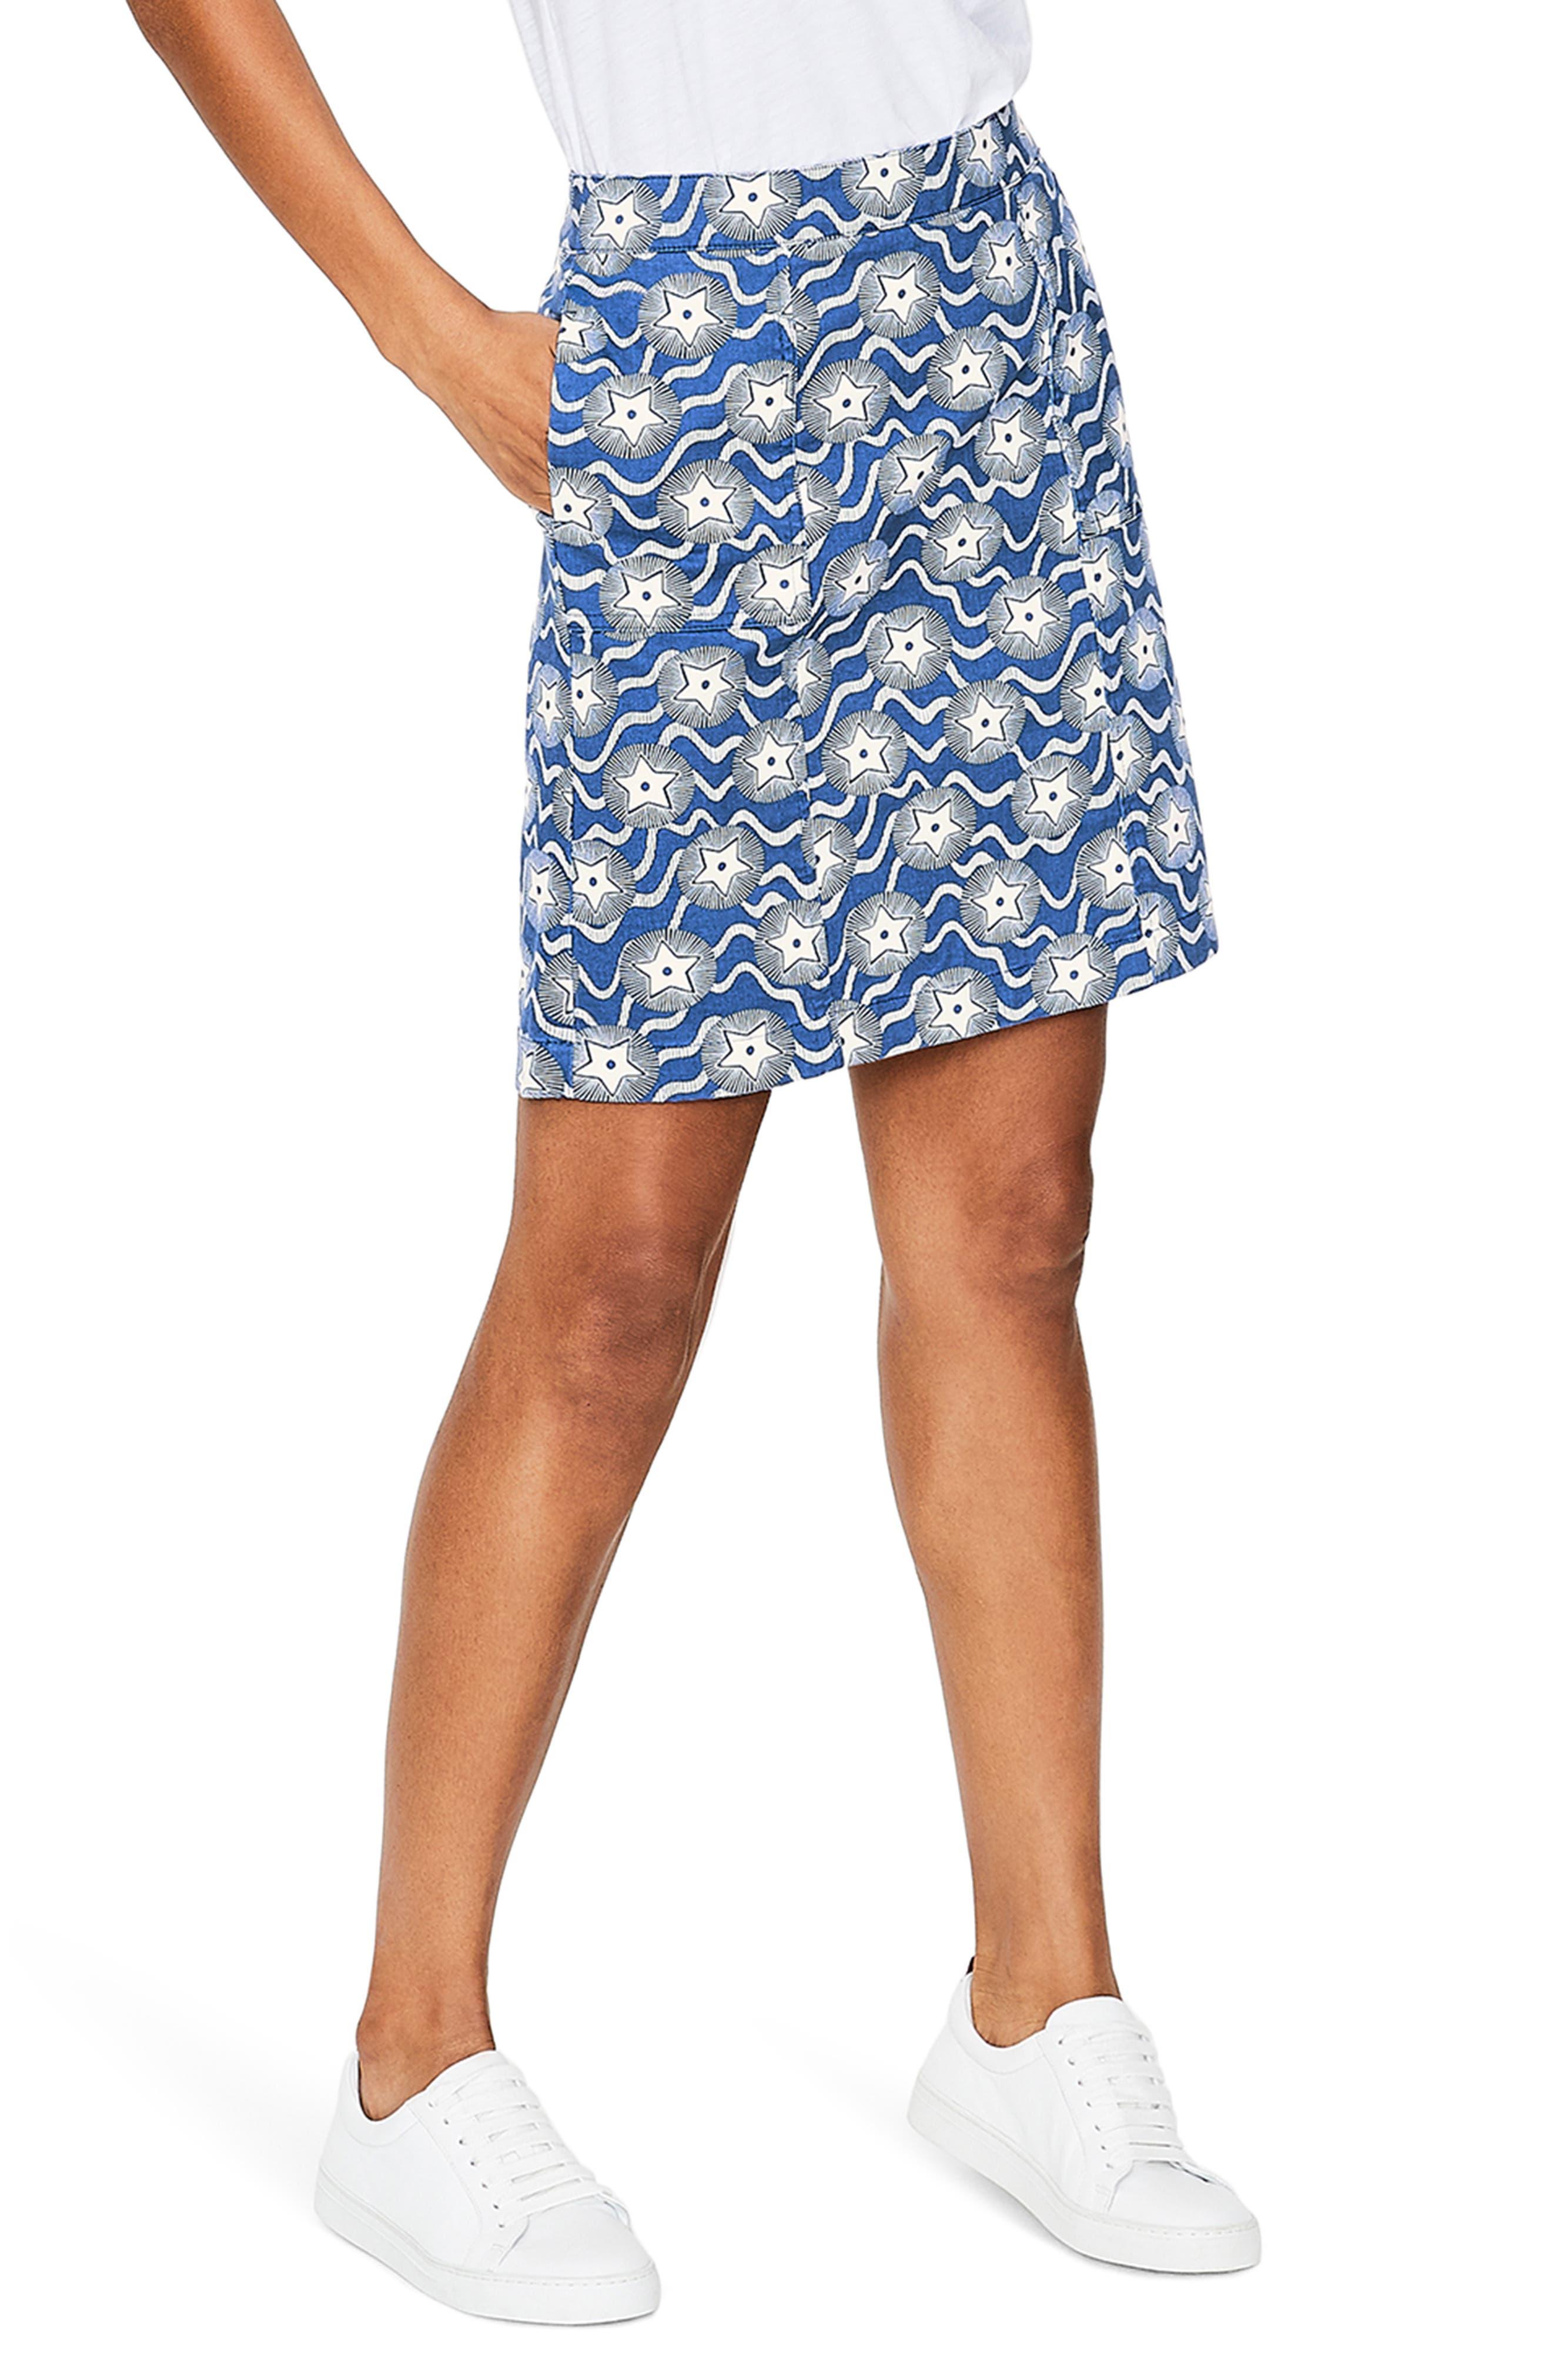 Boden Print A-Line Skirt, Blue